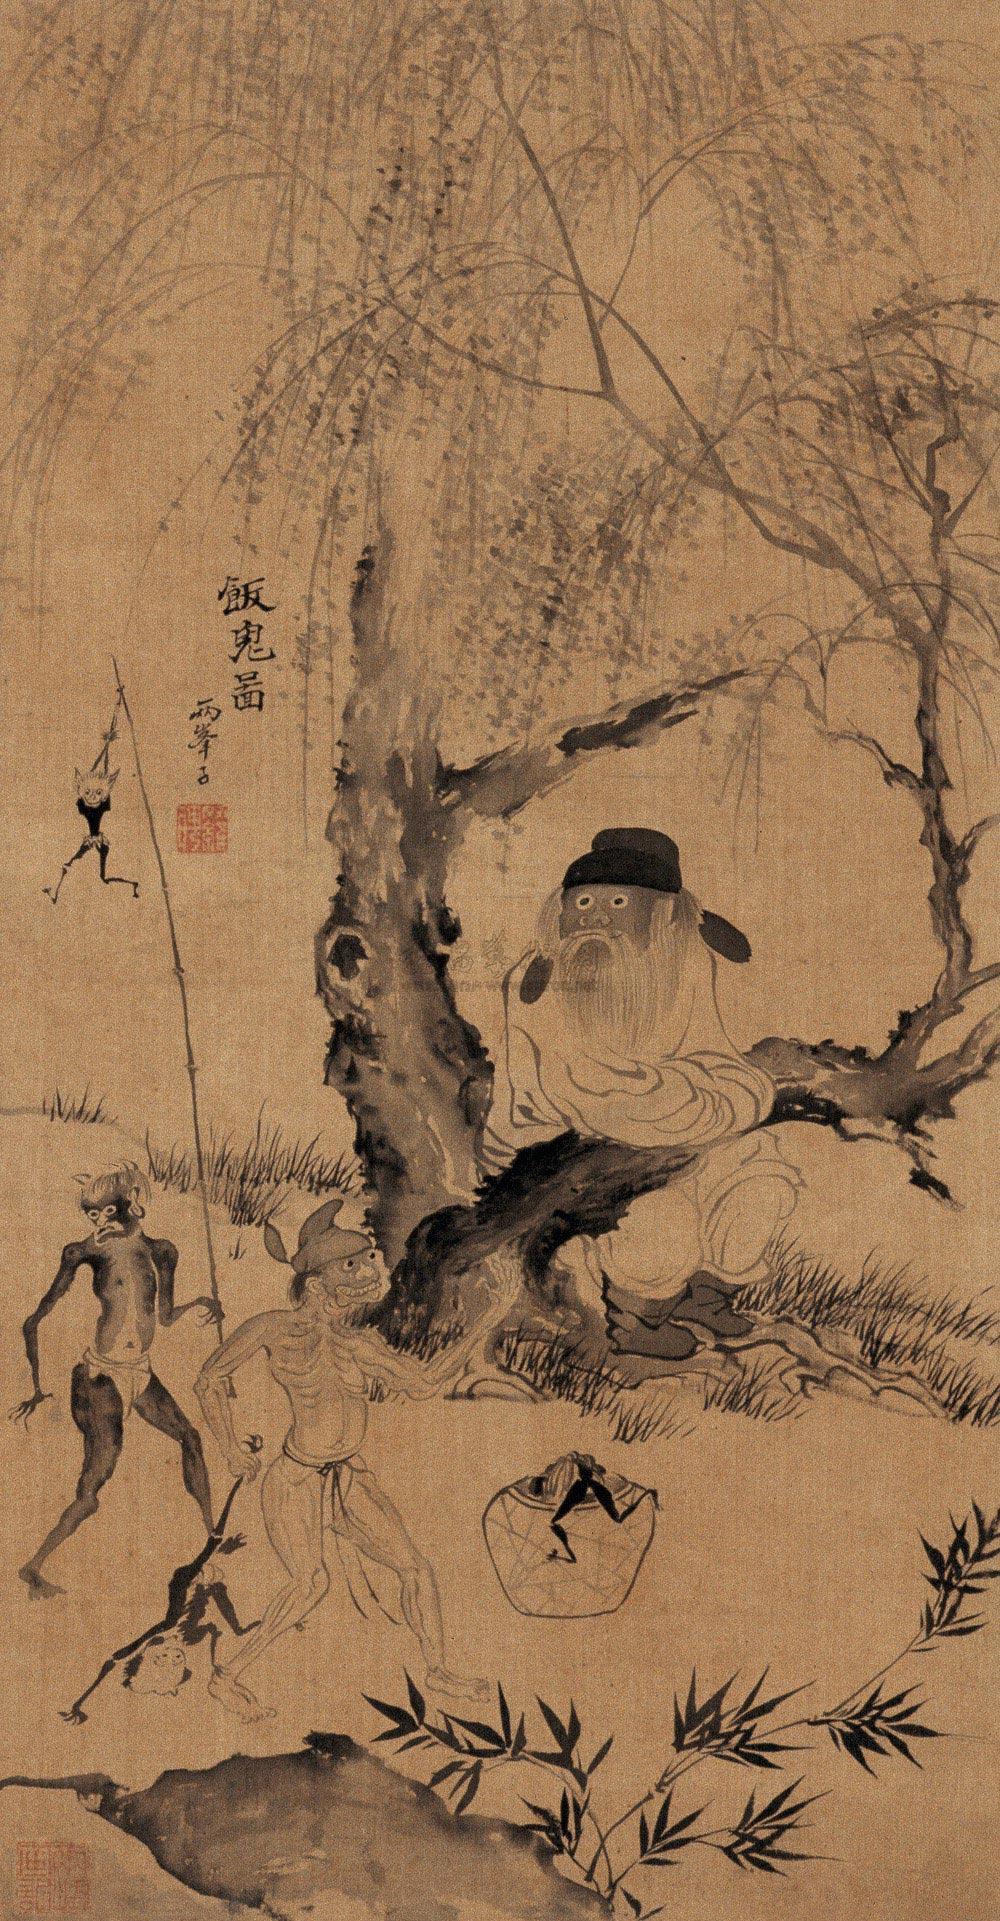 罗聘 饭鬼图 水墨绢本立轴 55.3×29cm 中国嘉德2007秋季拍卖会